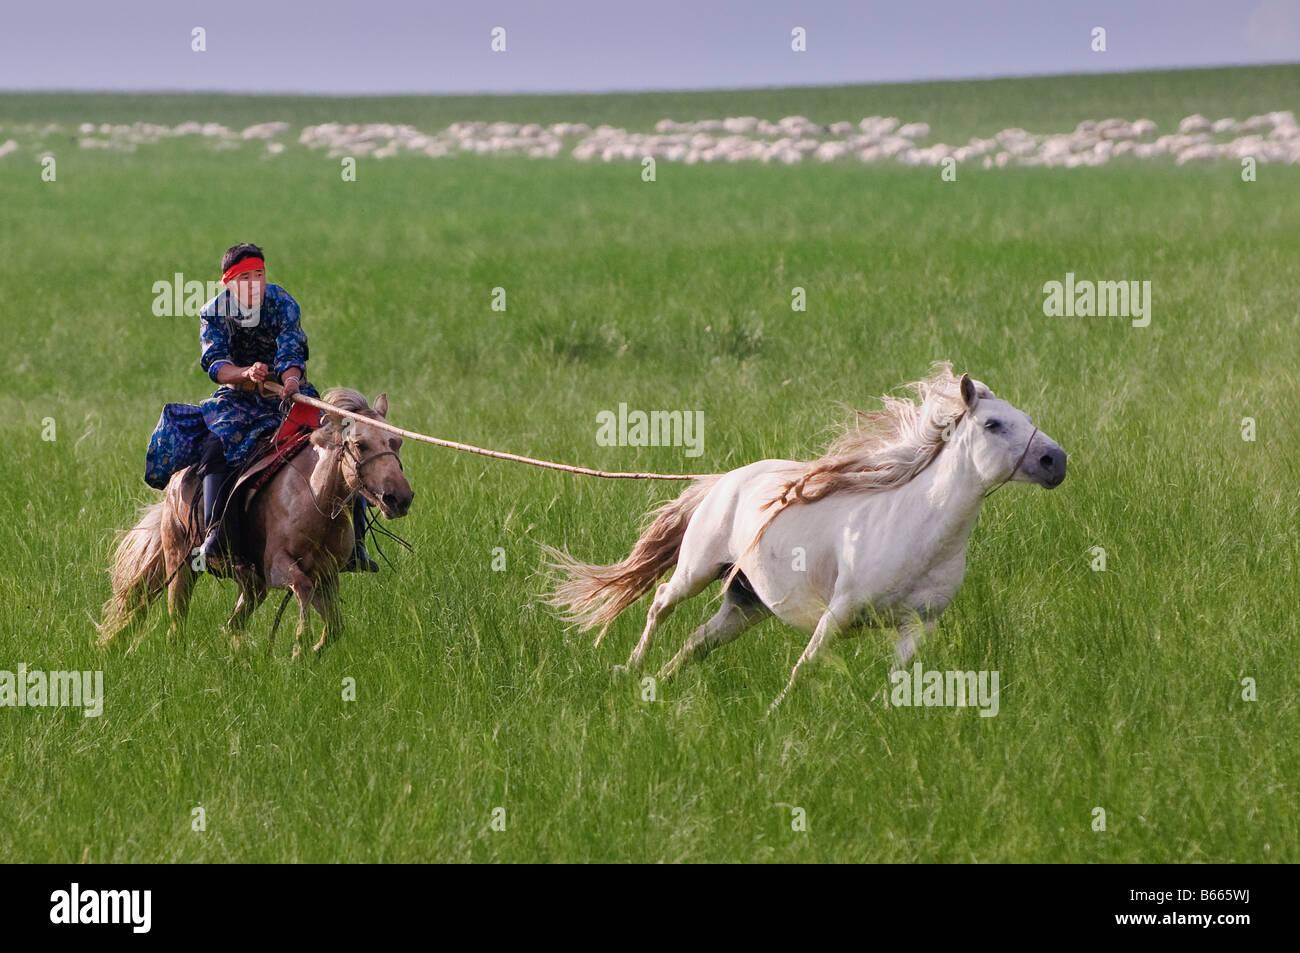 Praterie pastore a cavallo le catture a cavallo con corda e pole urga Xilinhot Inner Mongolia Cina Immagini Stock